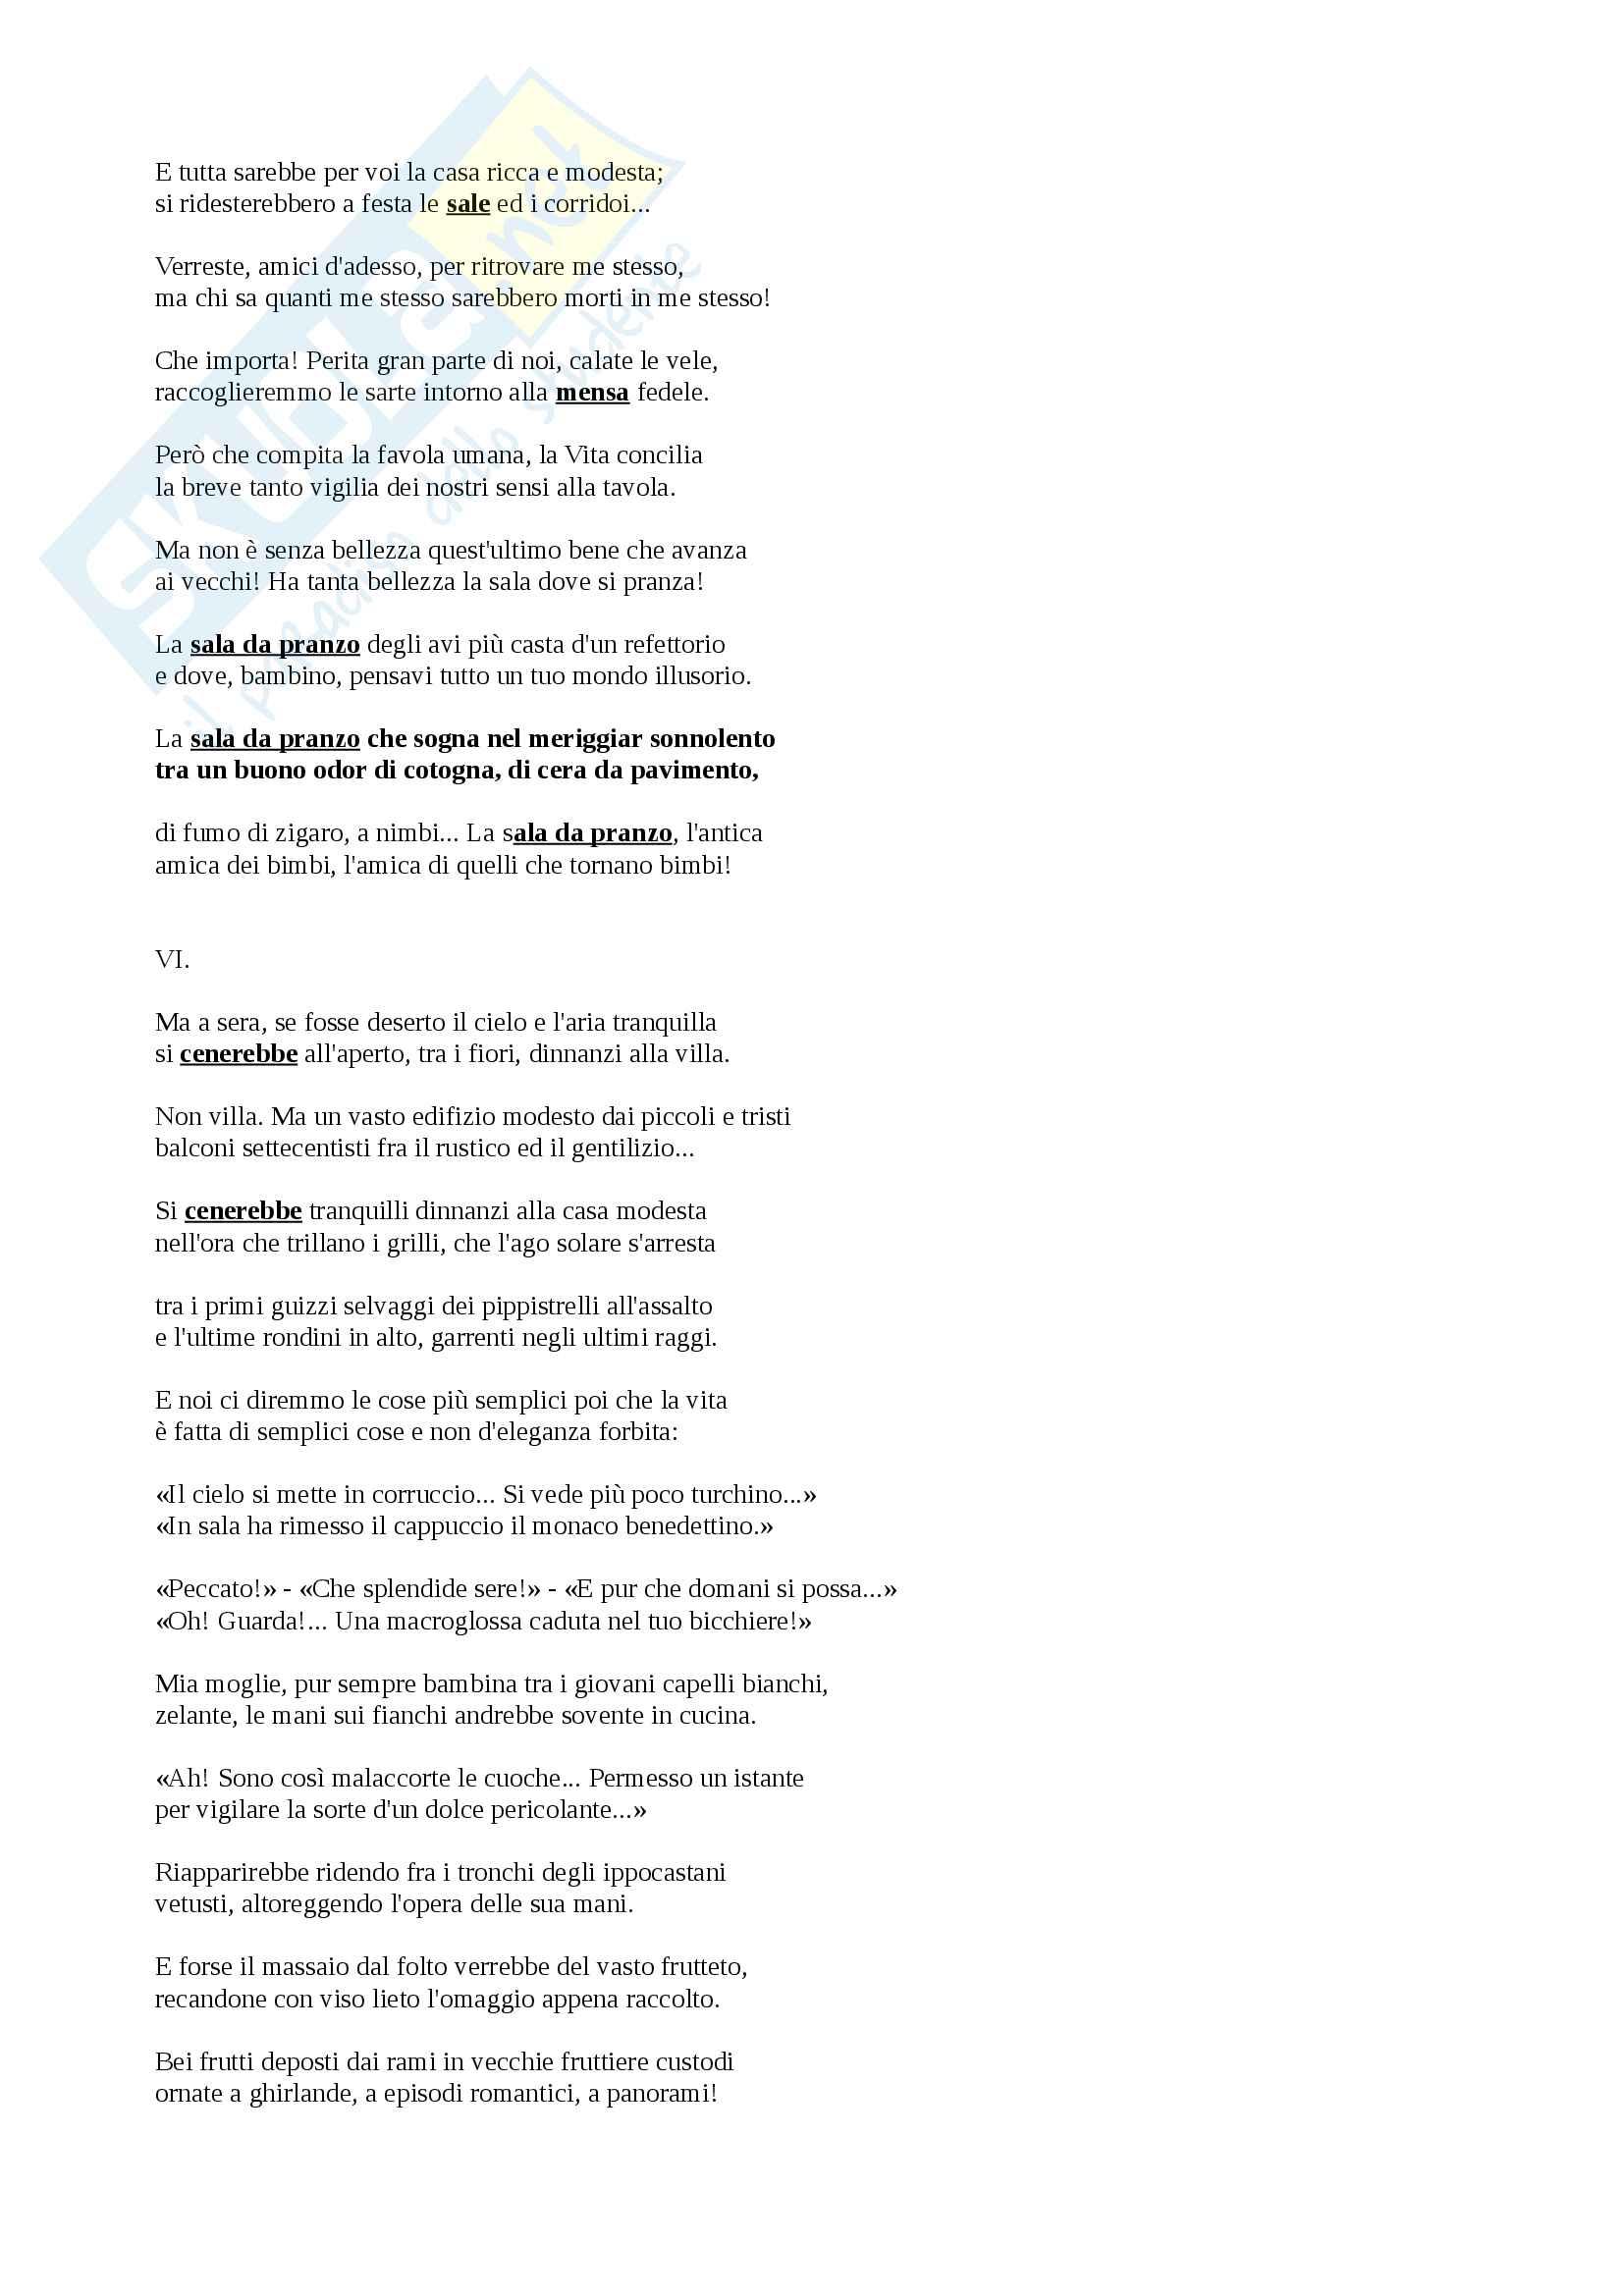 """Riassunto esame Poesia italiana del Novecento Lorenzini, libro consigliato """"Guido Gozzano"""" Sanguineti Pag. 6"""